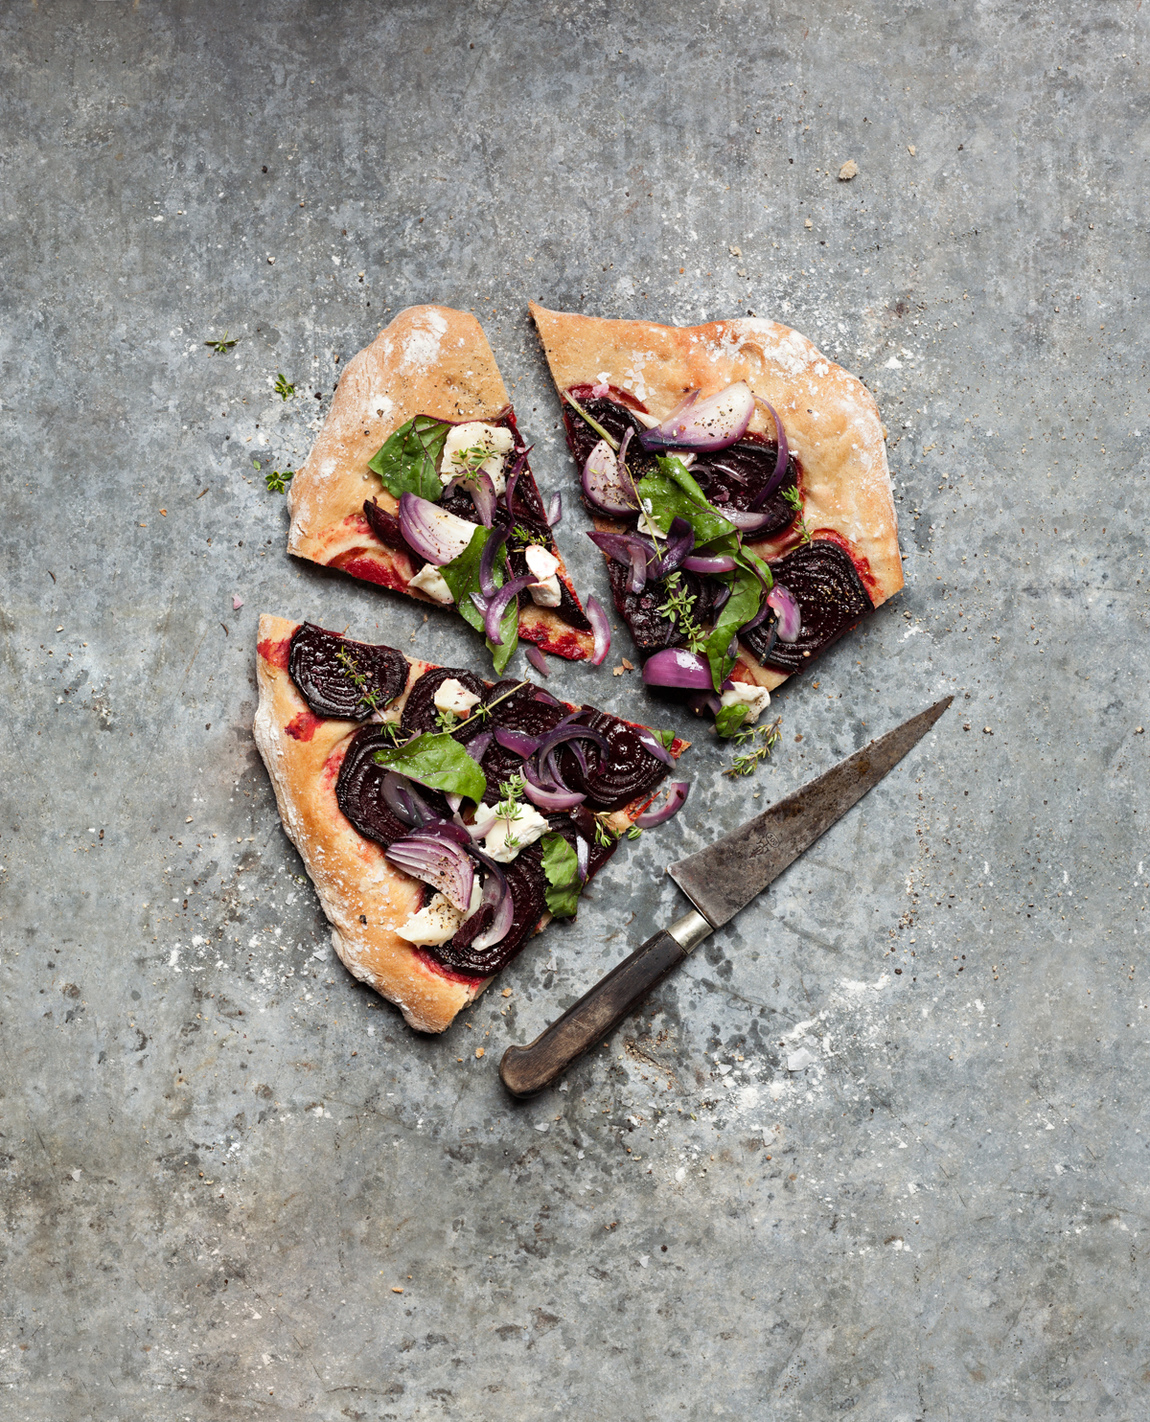 Eveline Johnsson - Junk food vego